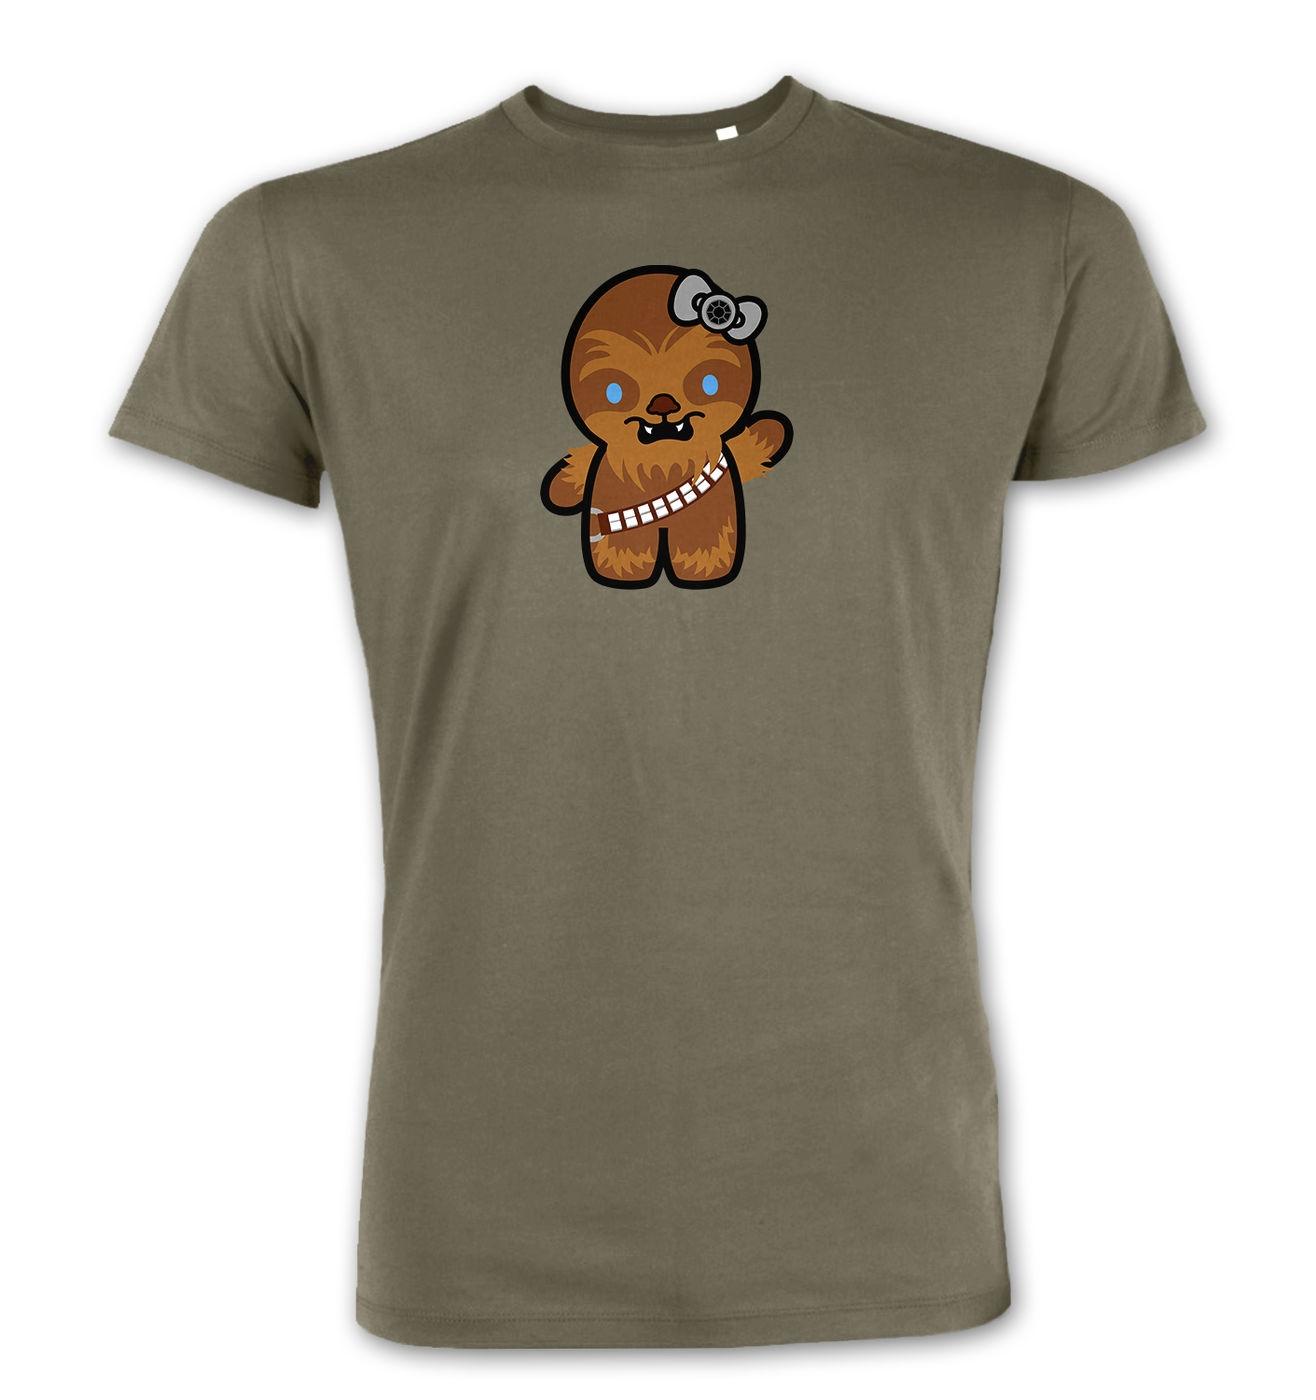 Hello Wookiee premium t-shirt. Hello Kitty Star Wars parody mashup tee